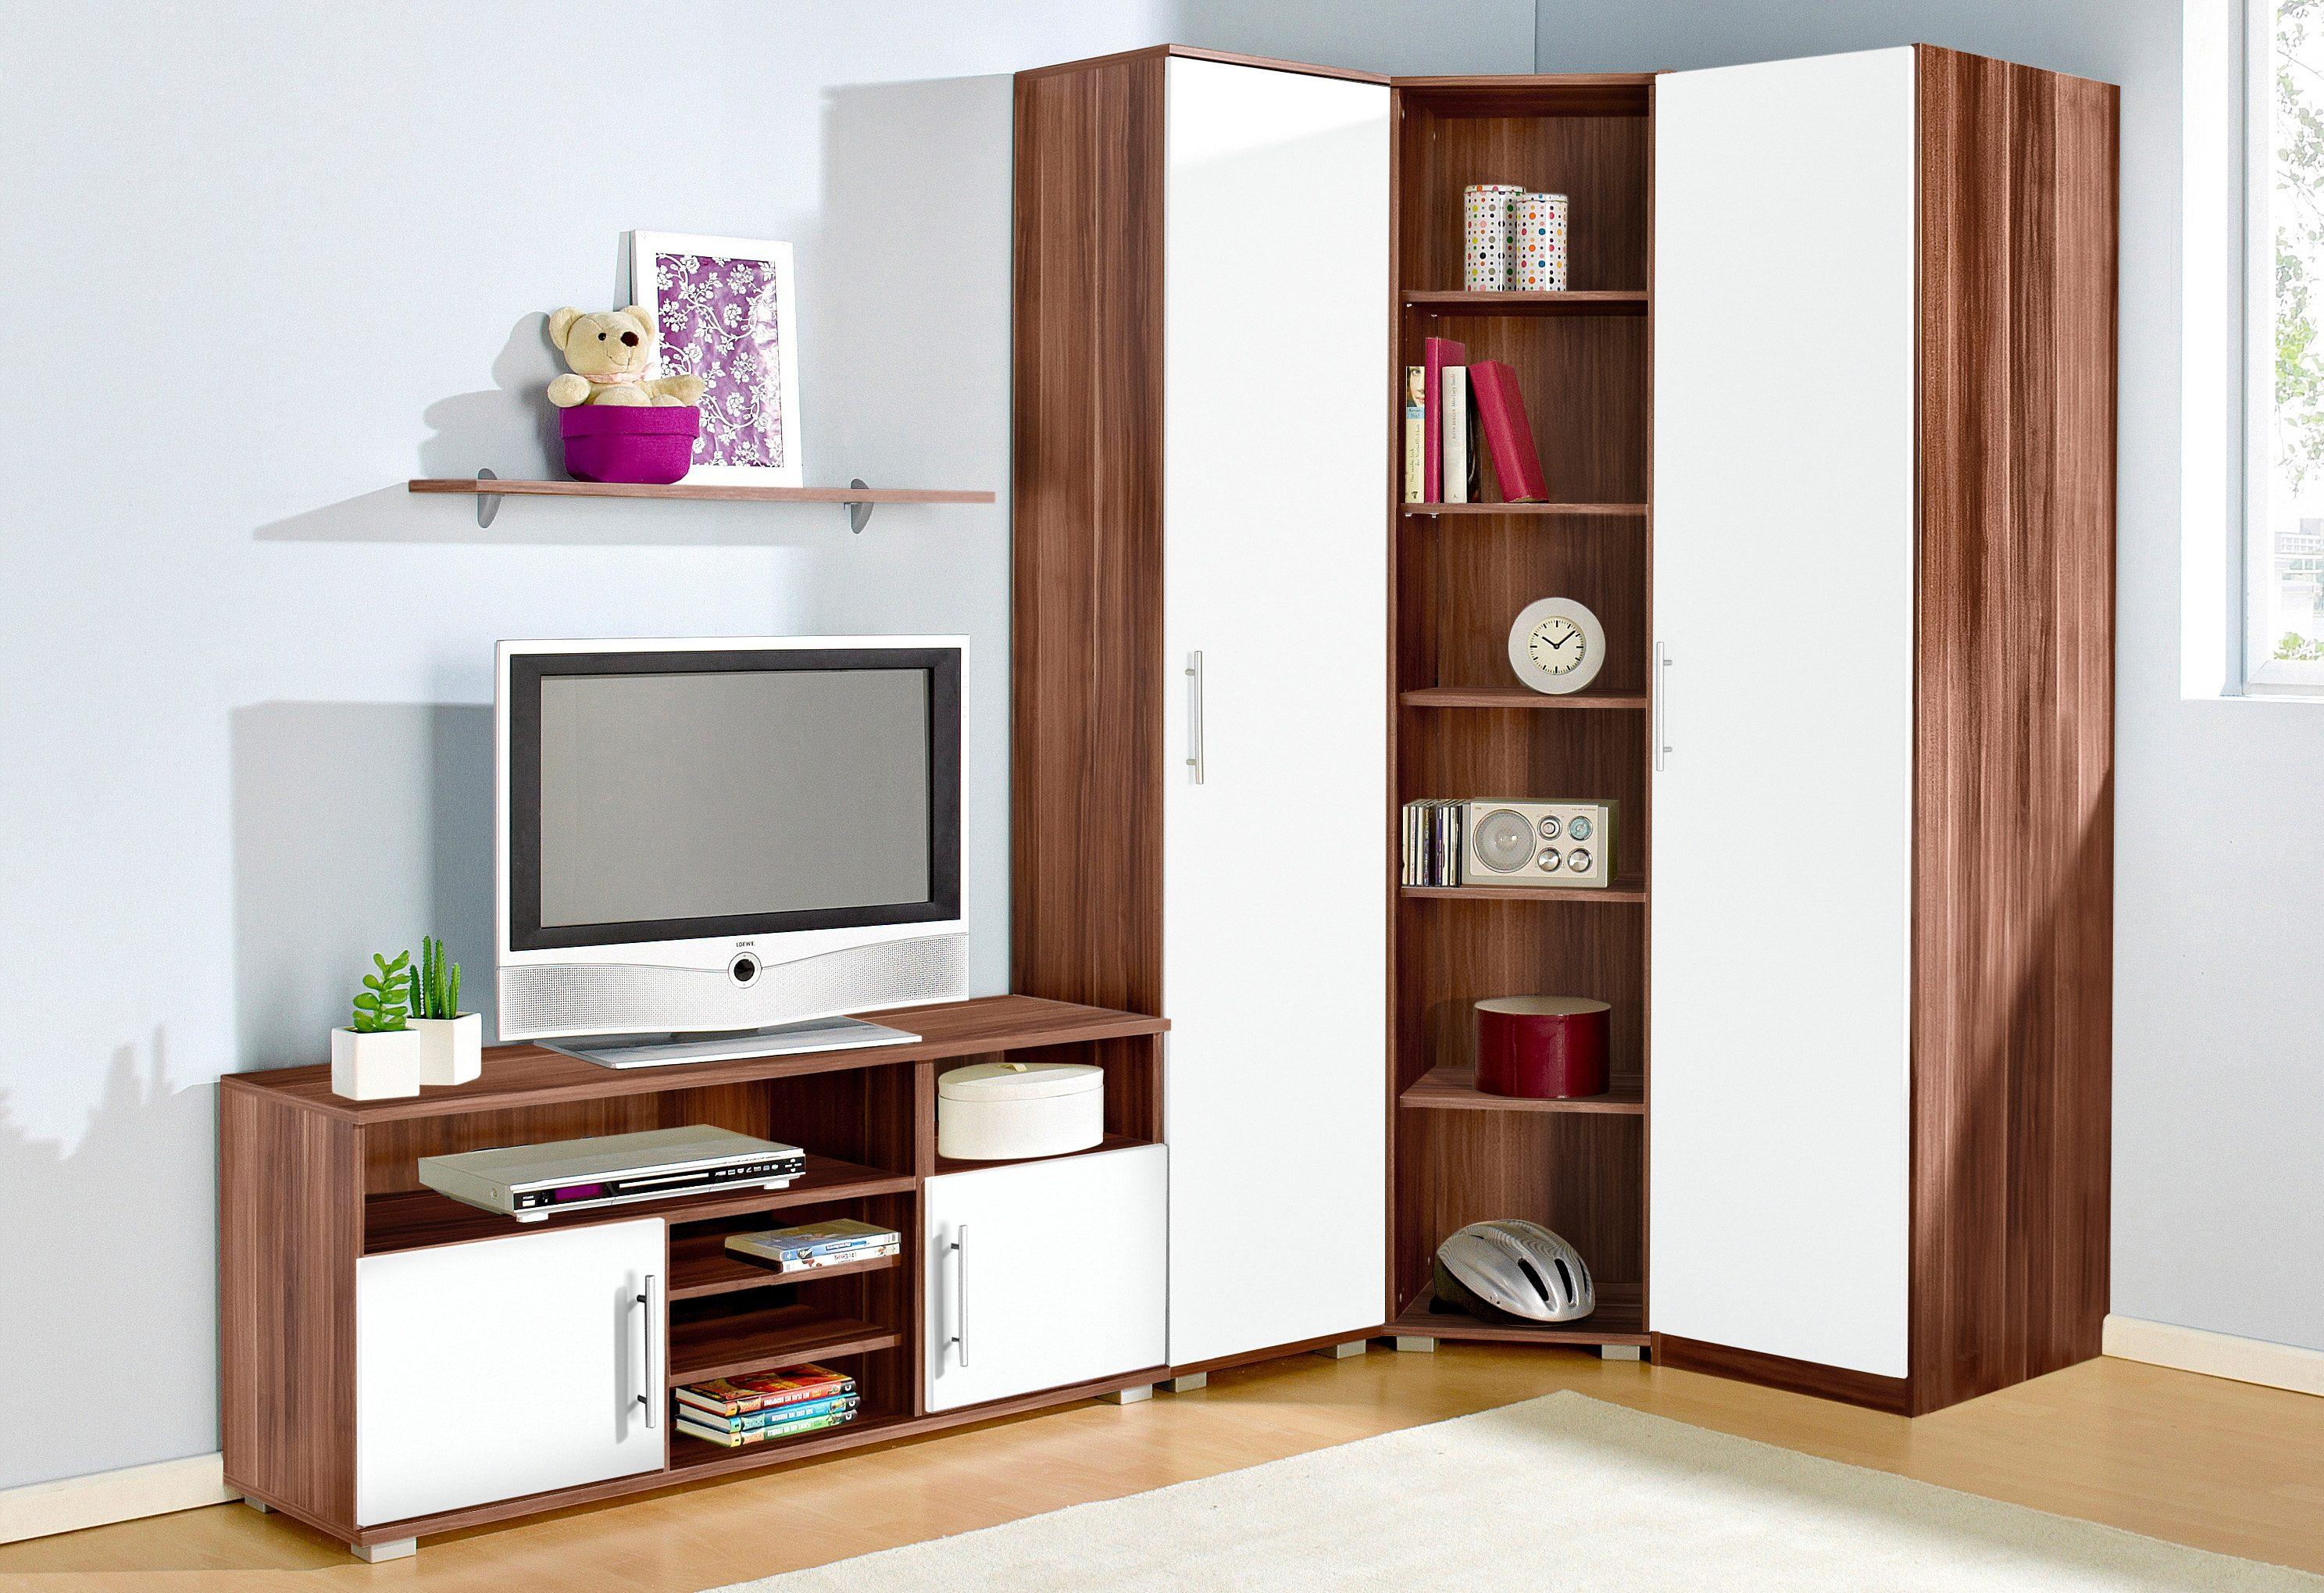 Jugendzimmer-Set, (Set, 5 St.) braun Komplett-Jugendzimmer Jugendmöbel Jugendzimmer-Set